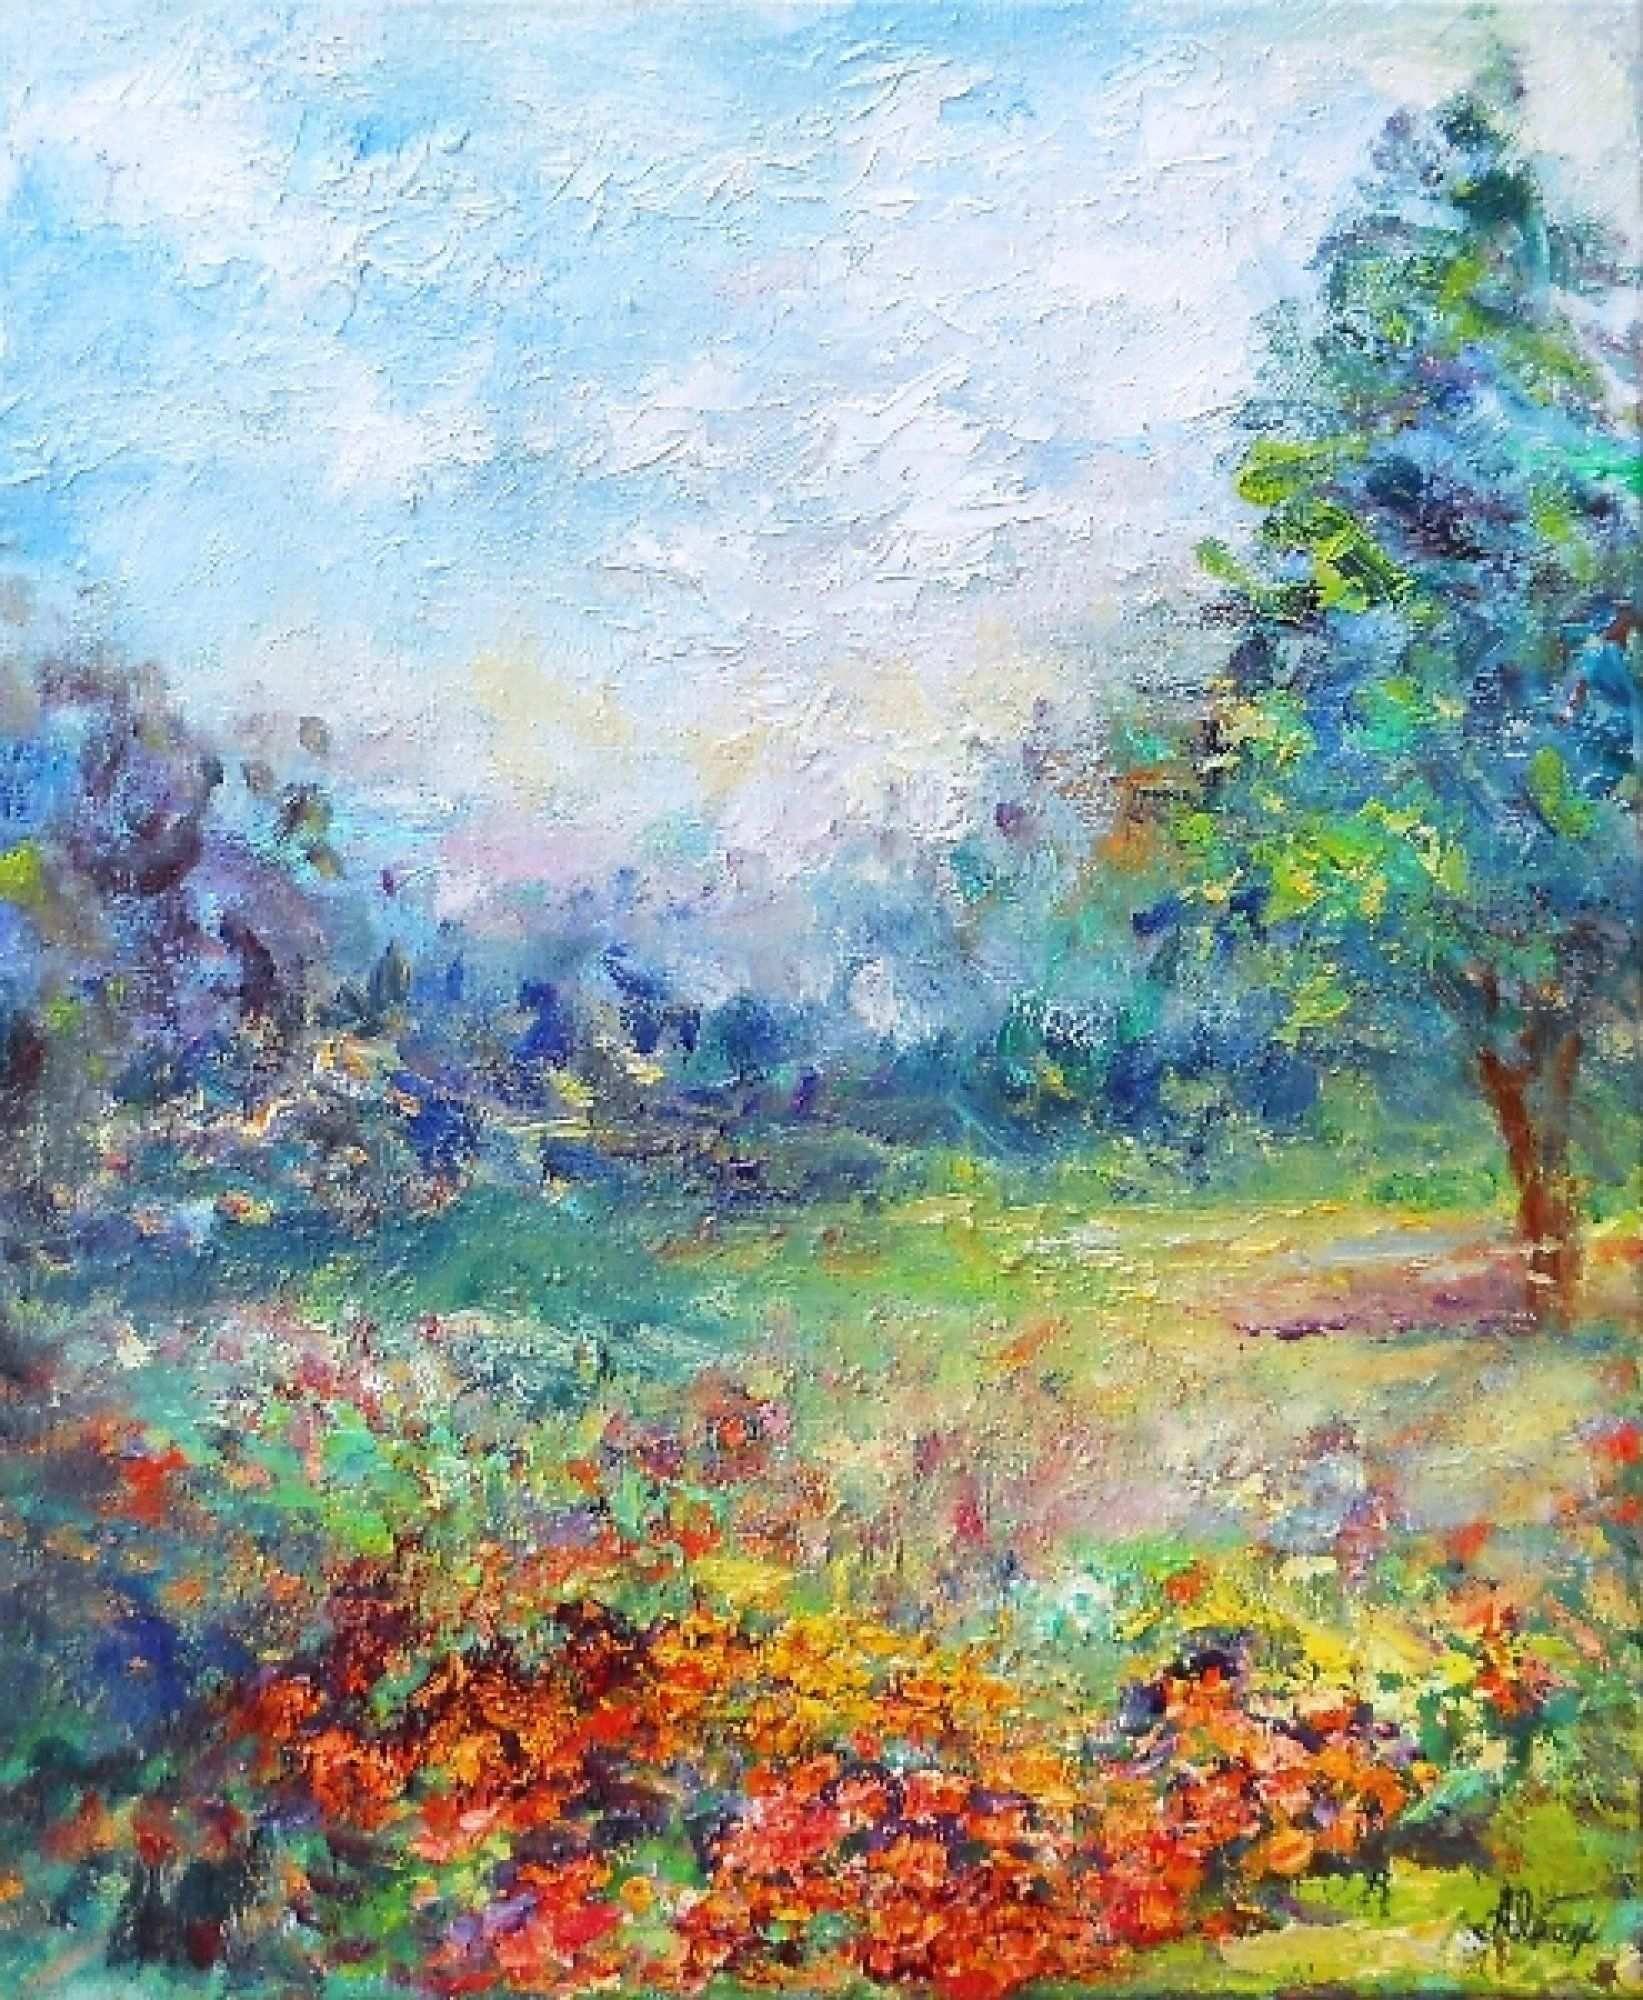 Impressionist Oil Painting : impressionist, painting, Impressionist, Painting, Painting,, Paintings,, Landscape, Paintings